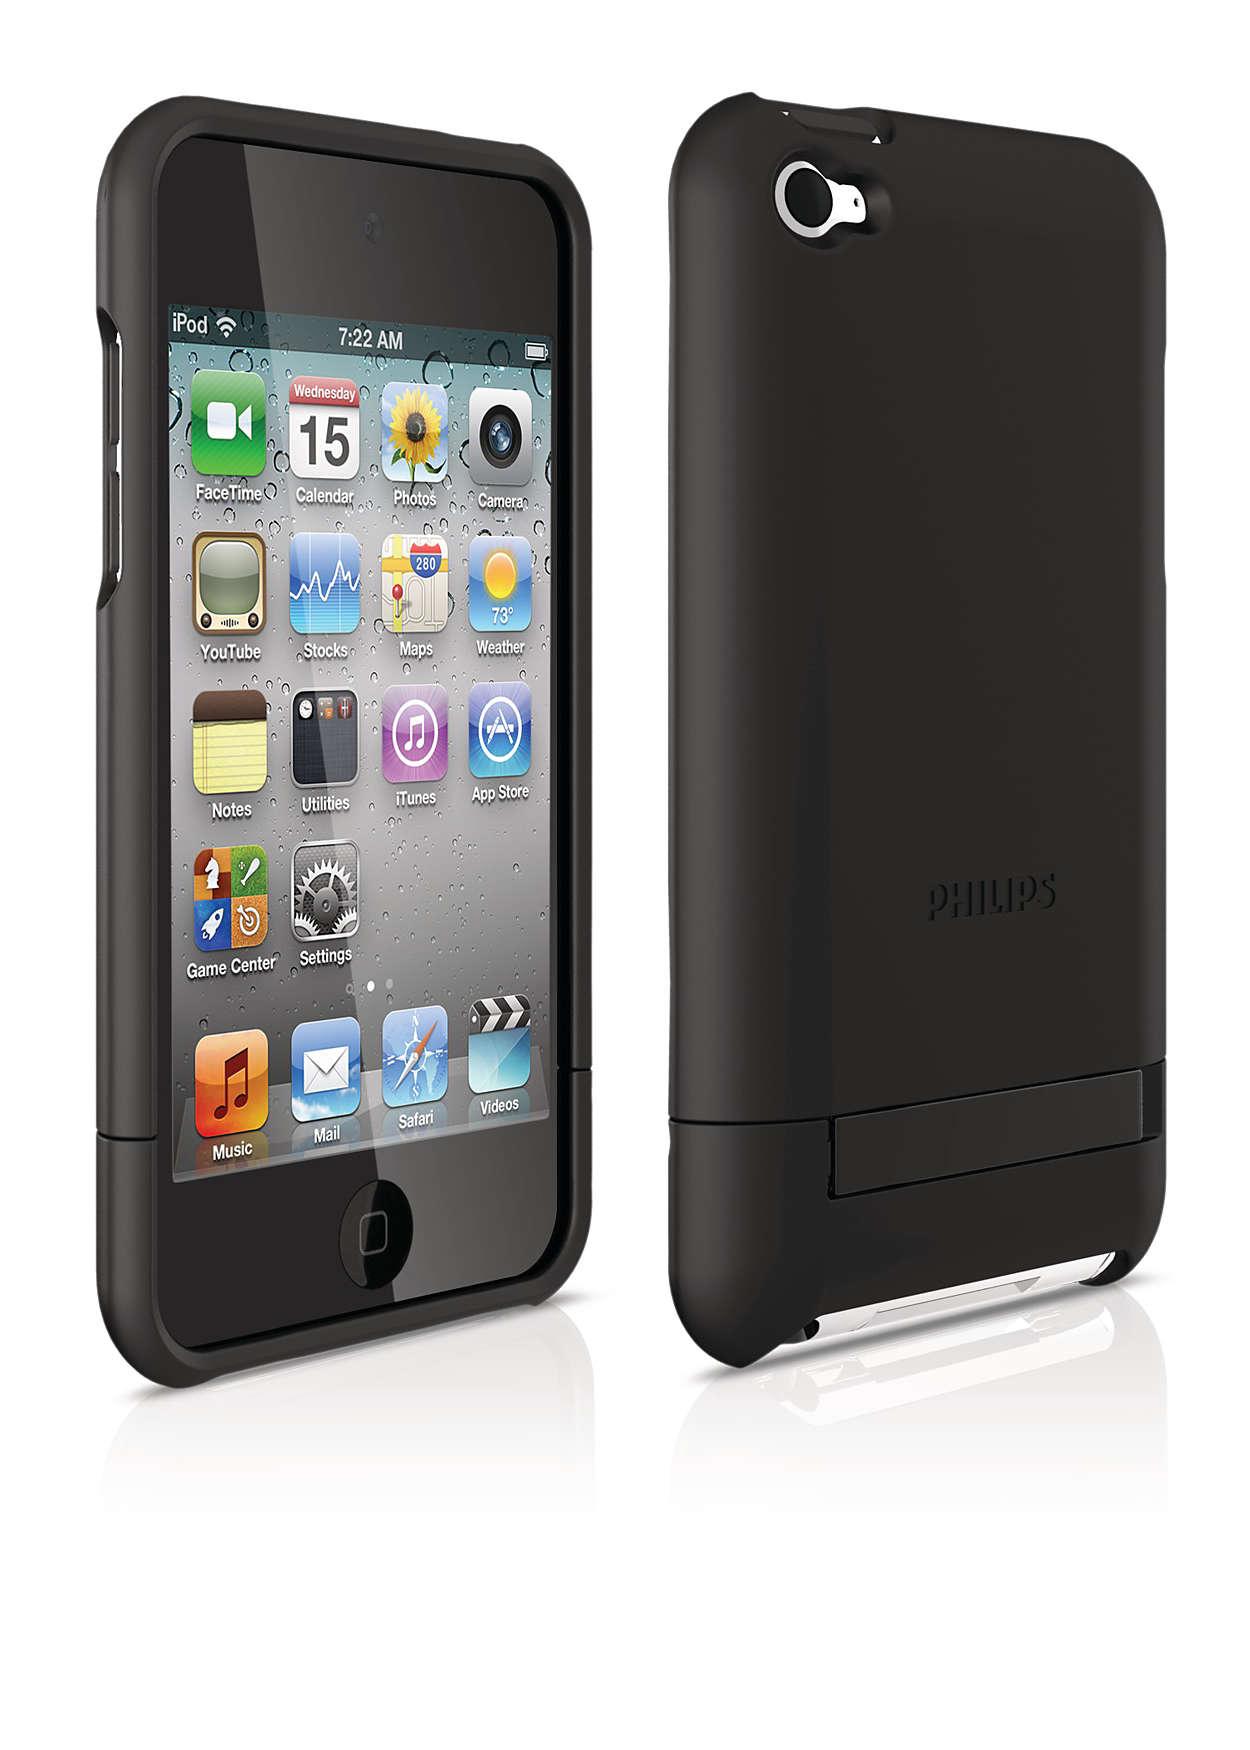 Proteja o seu iPod com uma capa rígida